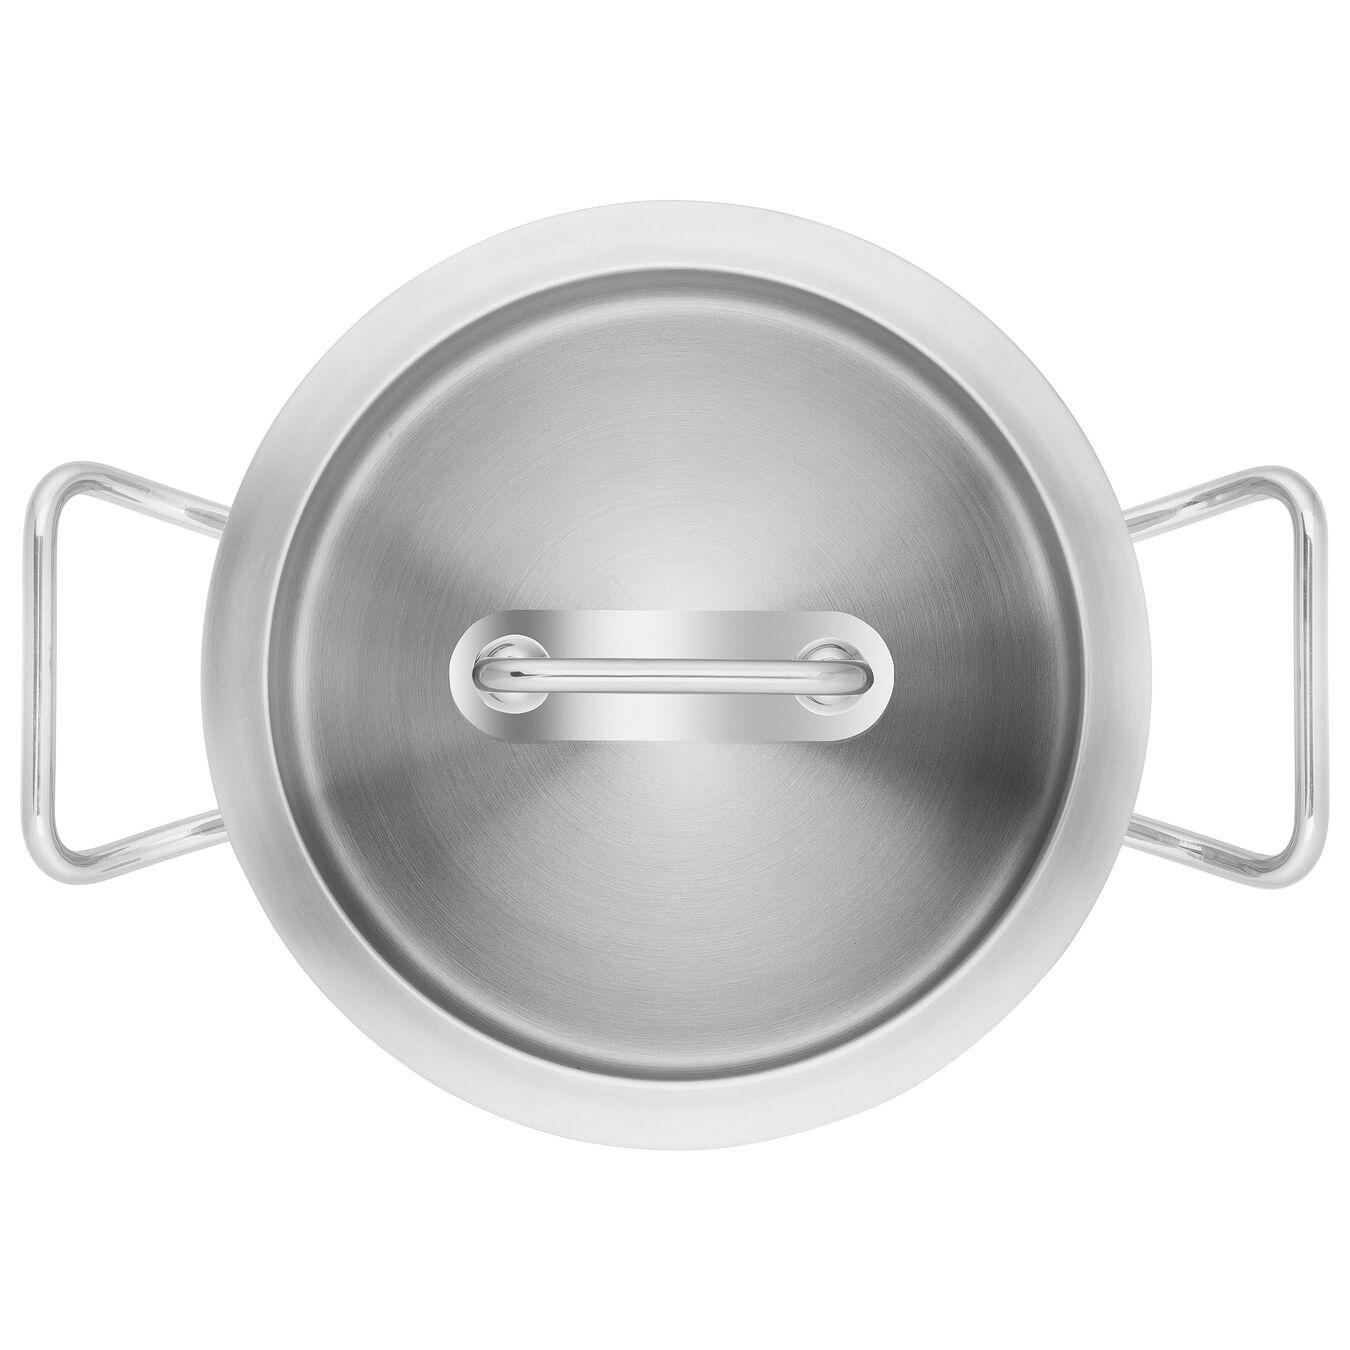 Derin Tencere | 18/10 Paslanmaz Çelik | 24 cm,,large 5